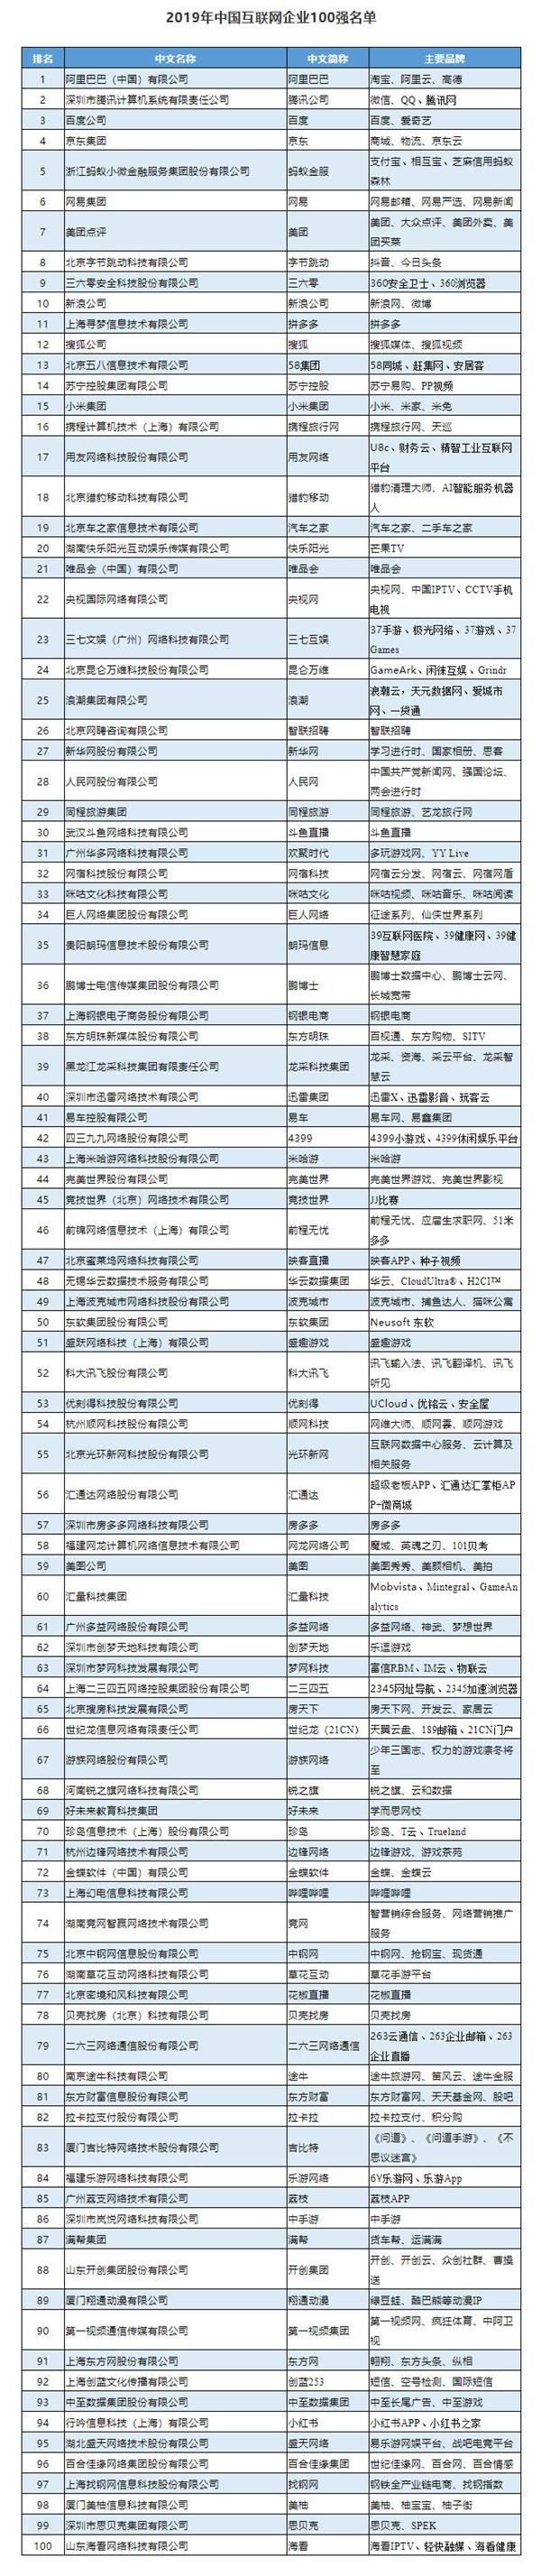 工信部发布2019年中国互联网企业100强:阿里第一 腾讯第二